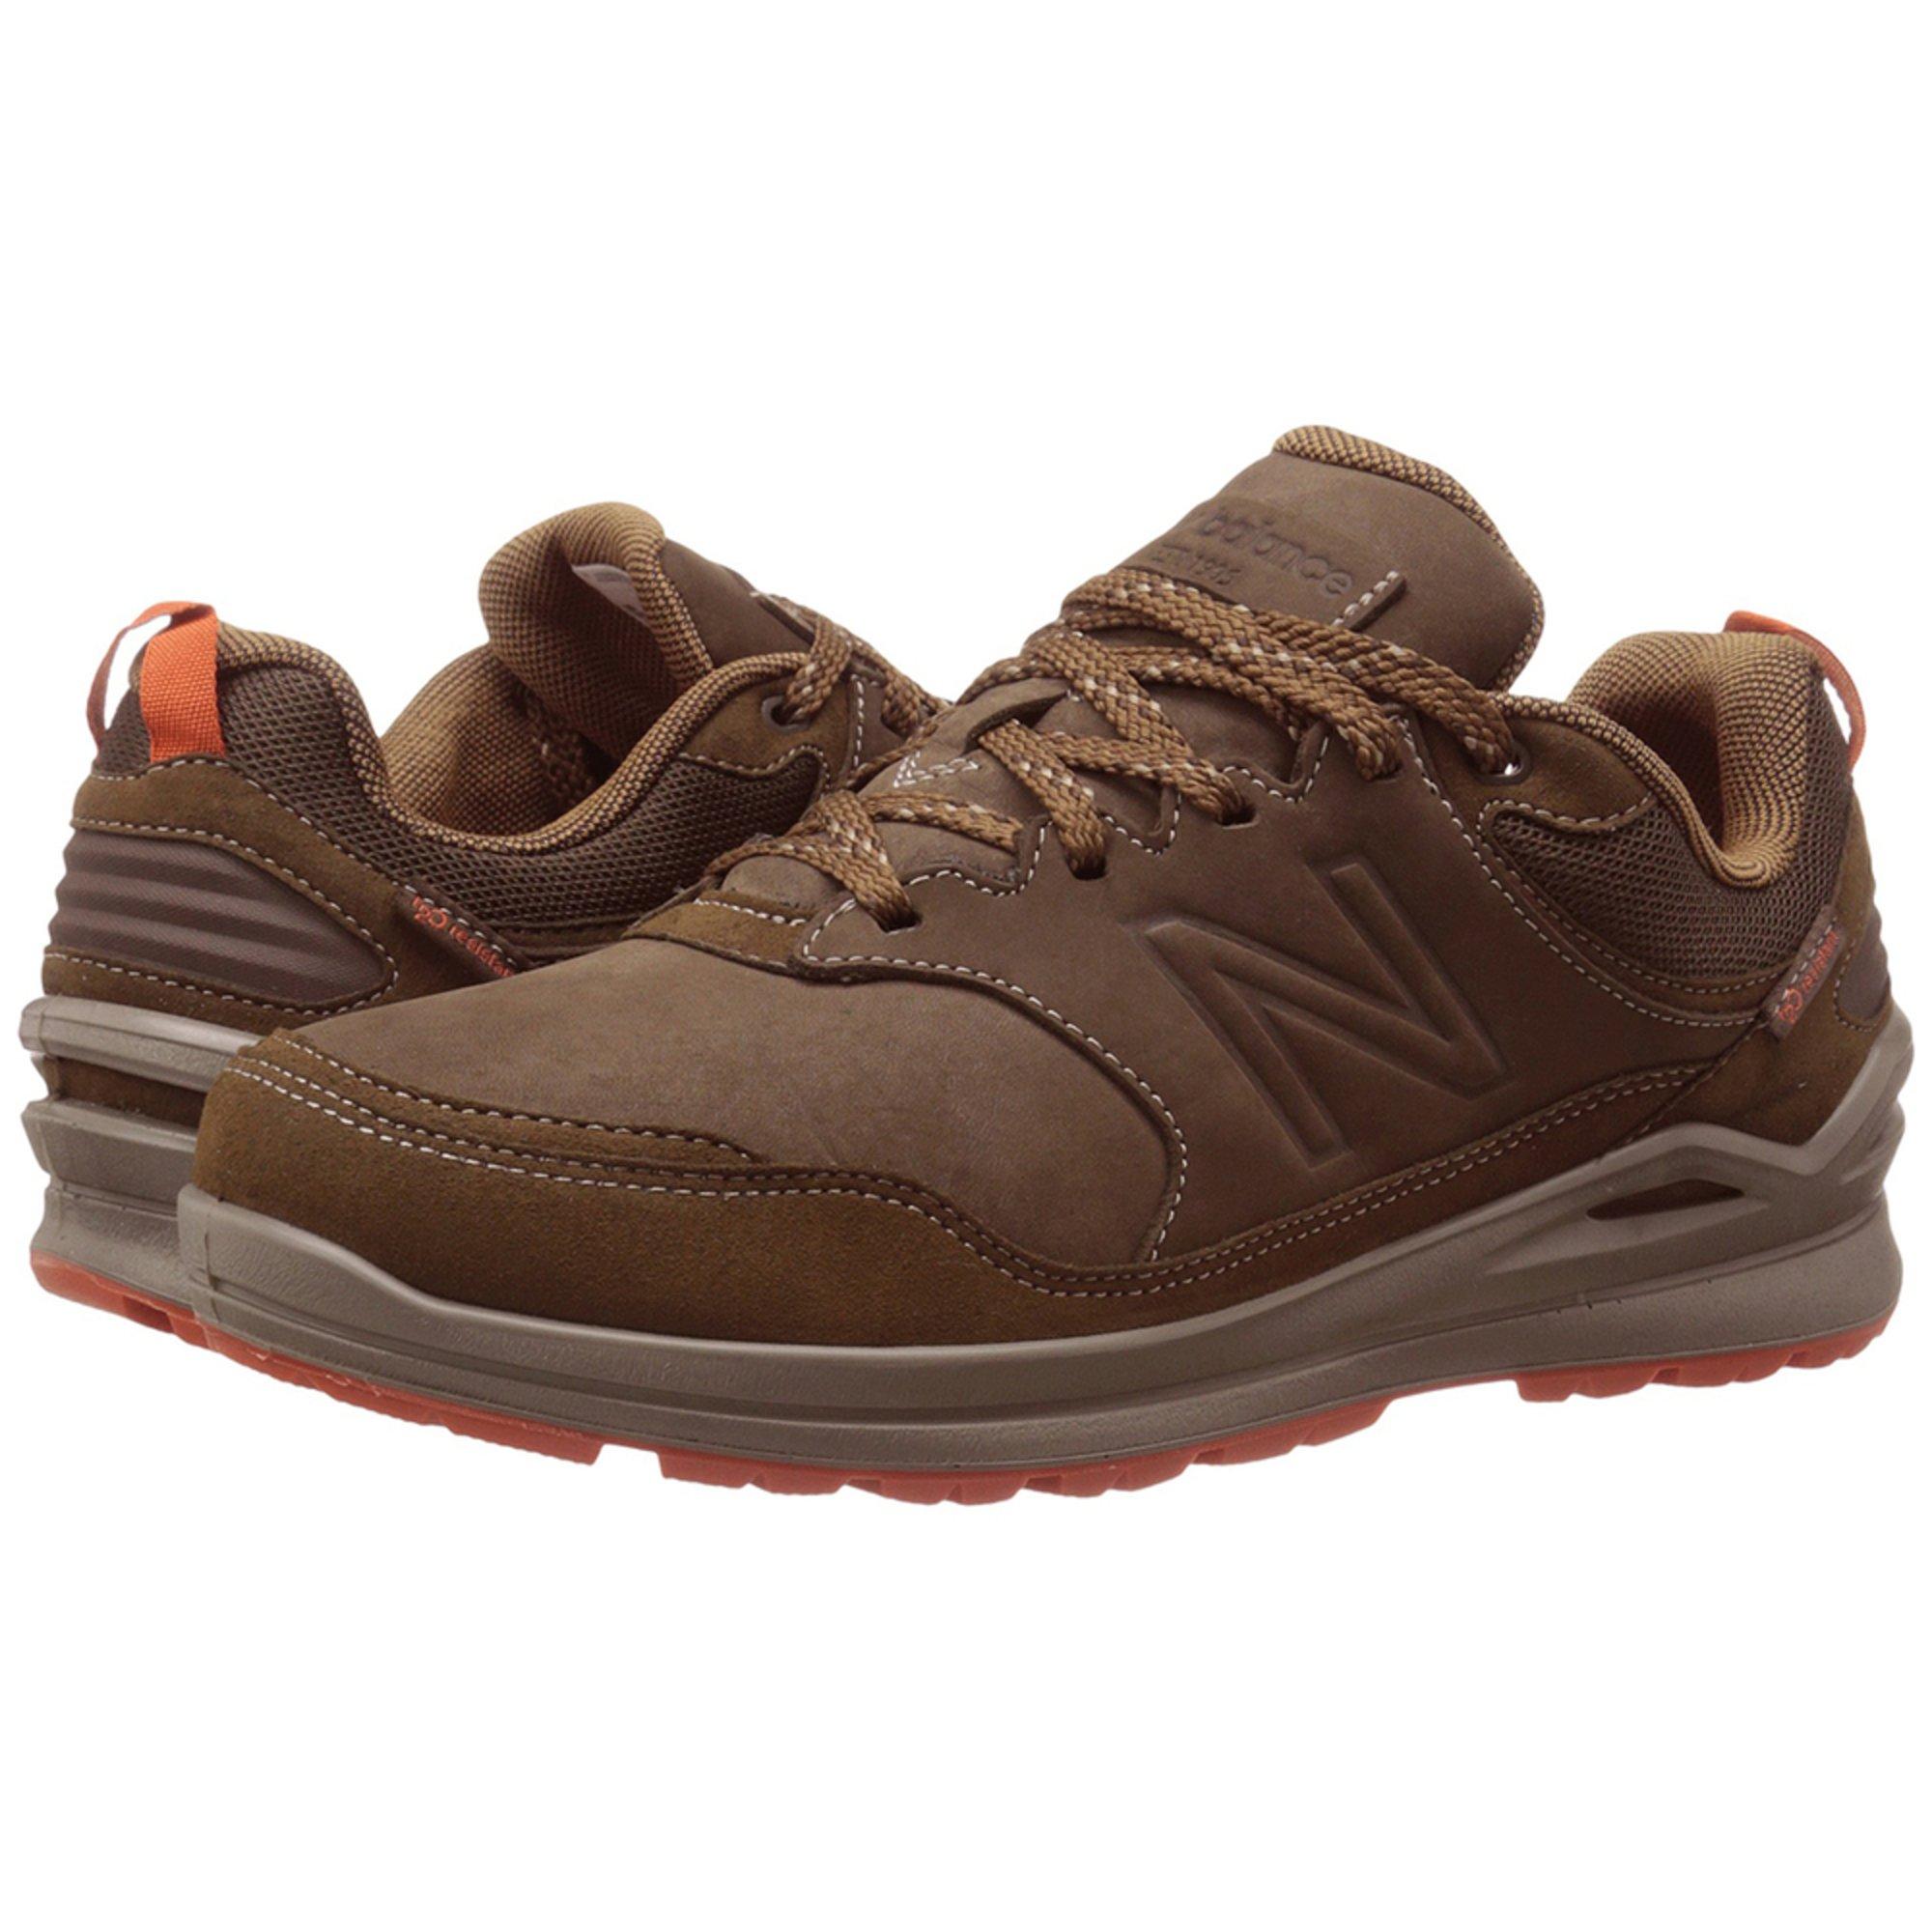 Zapatos Nuevos Equilibrio Para Caminar A La Venta 2bGzl